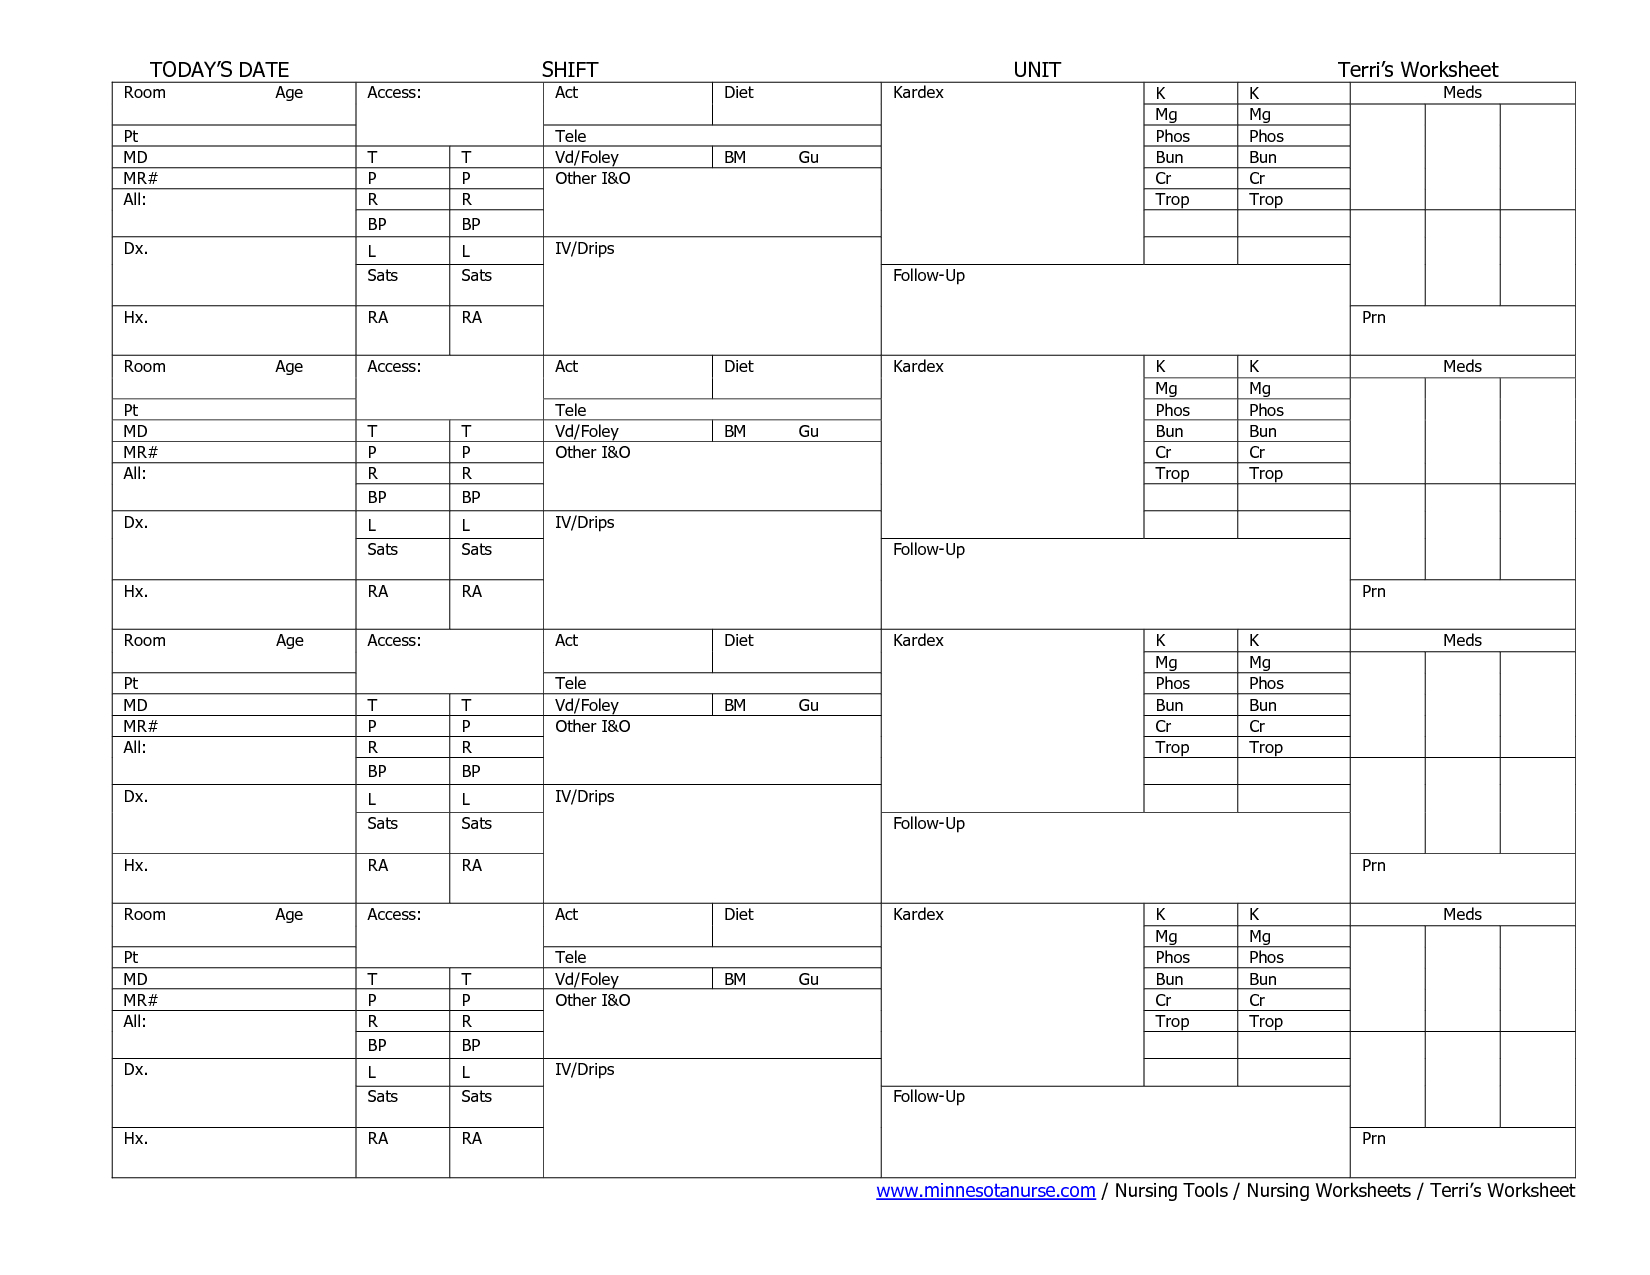 Nursing Worksheets Printable